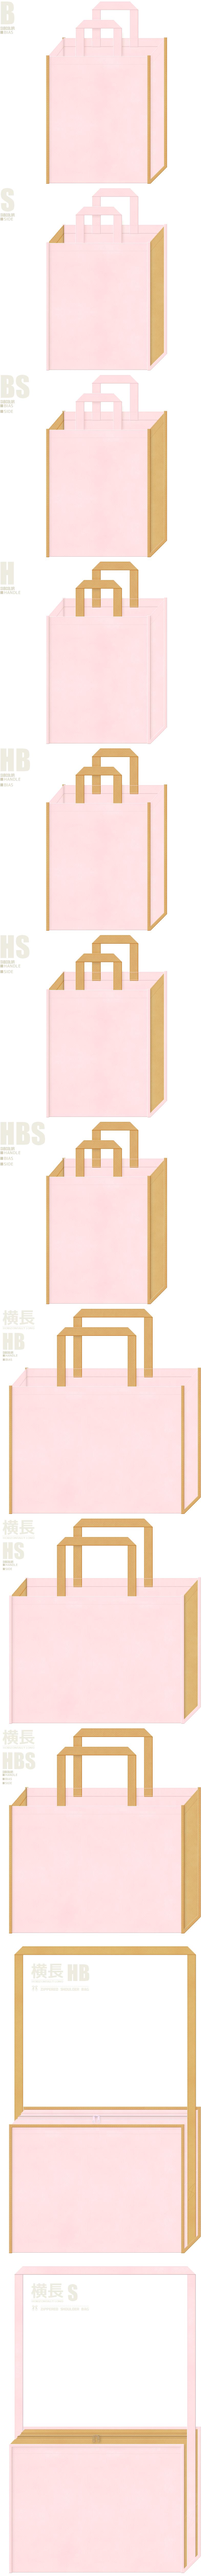 ペットショップ・ペットサロン・ペット用品・ペットフード・アニマルケア・ぬいぐるみ・絵本・おとぎ話・手芸・牧場・木の看板・パステルカラー・ガーリーデザインにお奨めの不織布バッグデザイン:桜色と薄黄土色の配色7パターン。